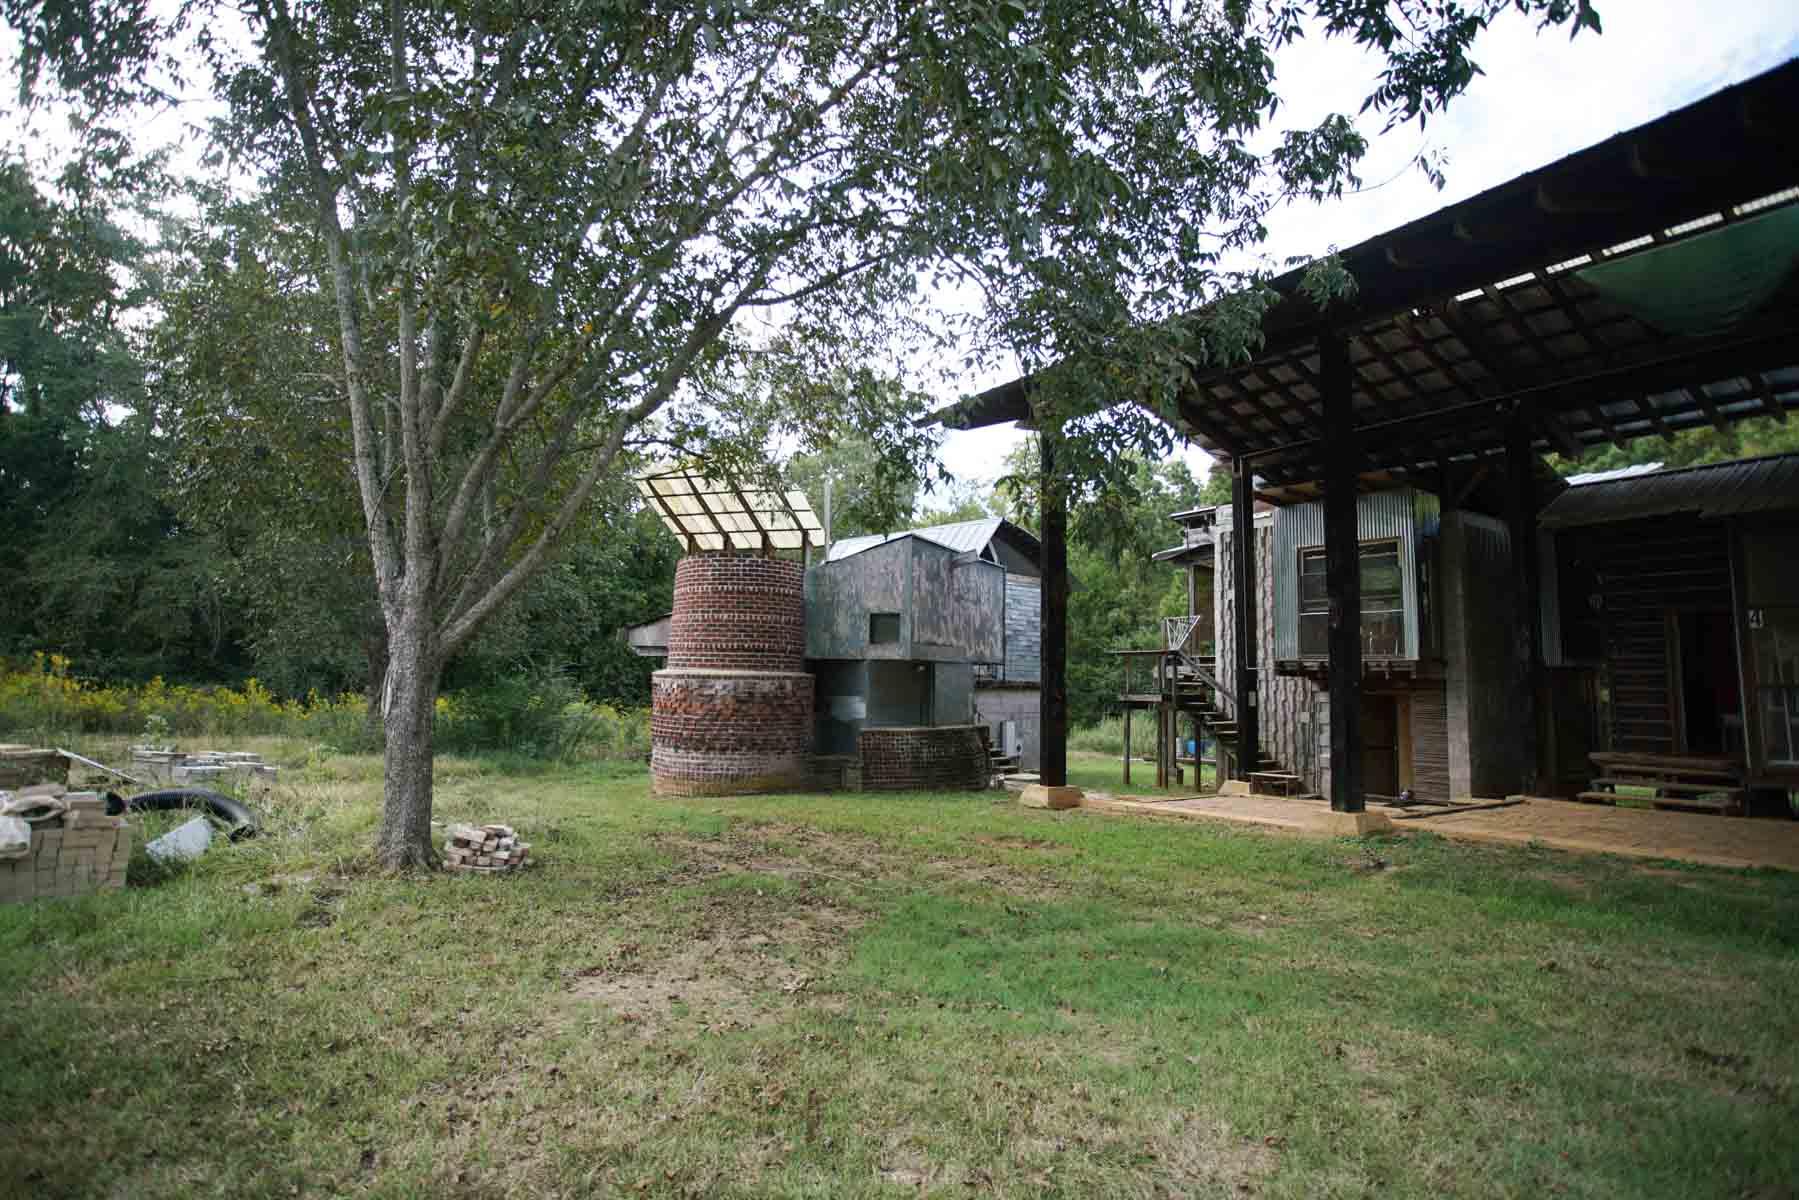 RA_rural studio_morrisette house and grounds-07039.jpg